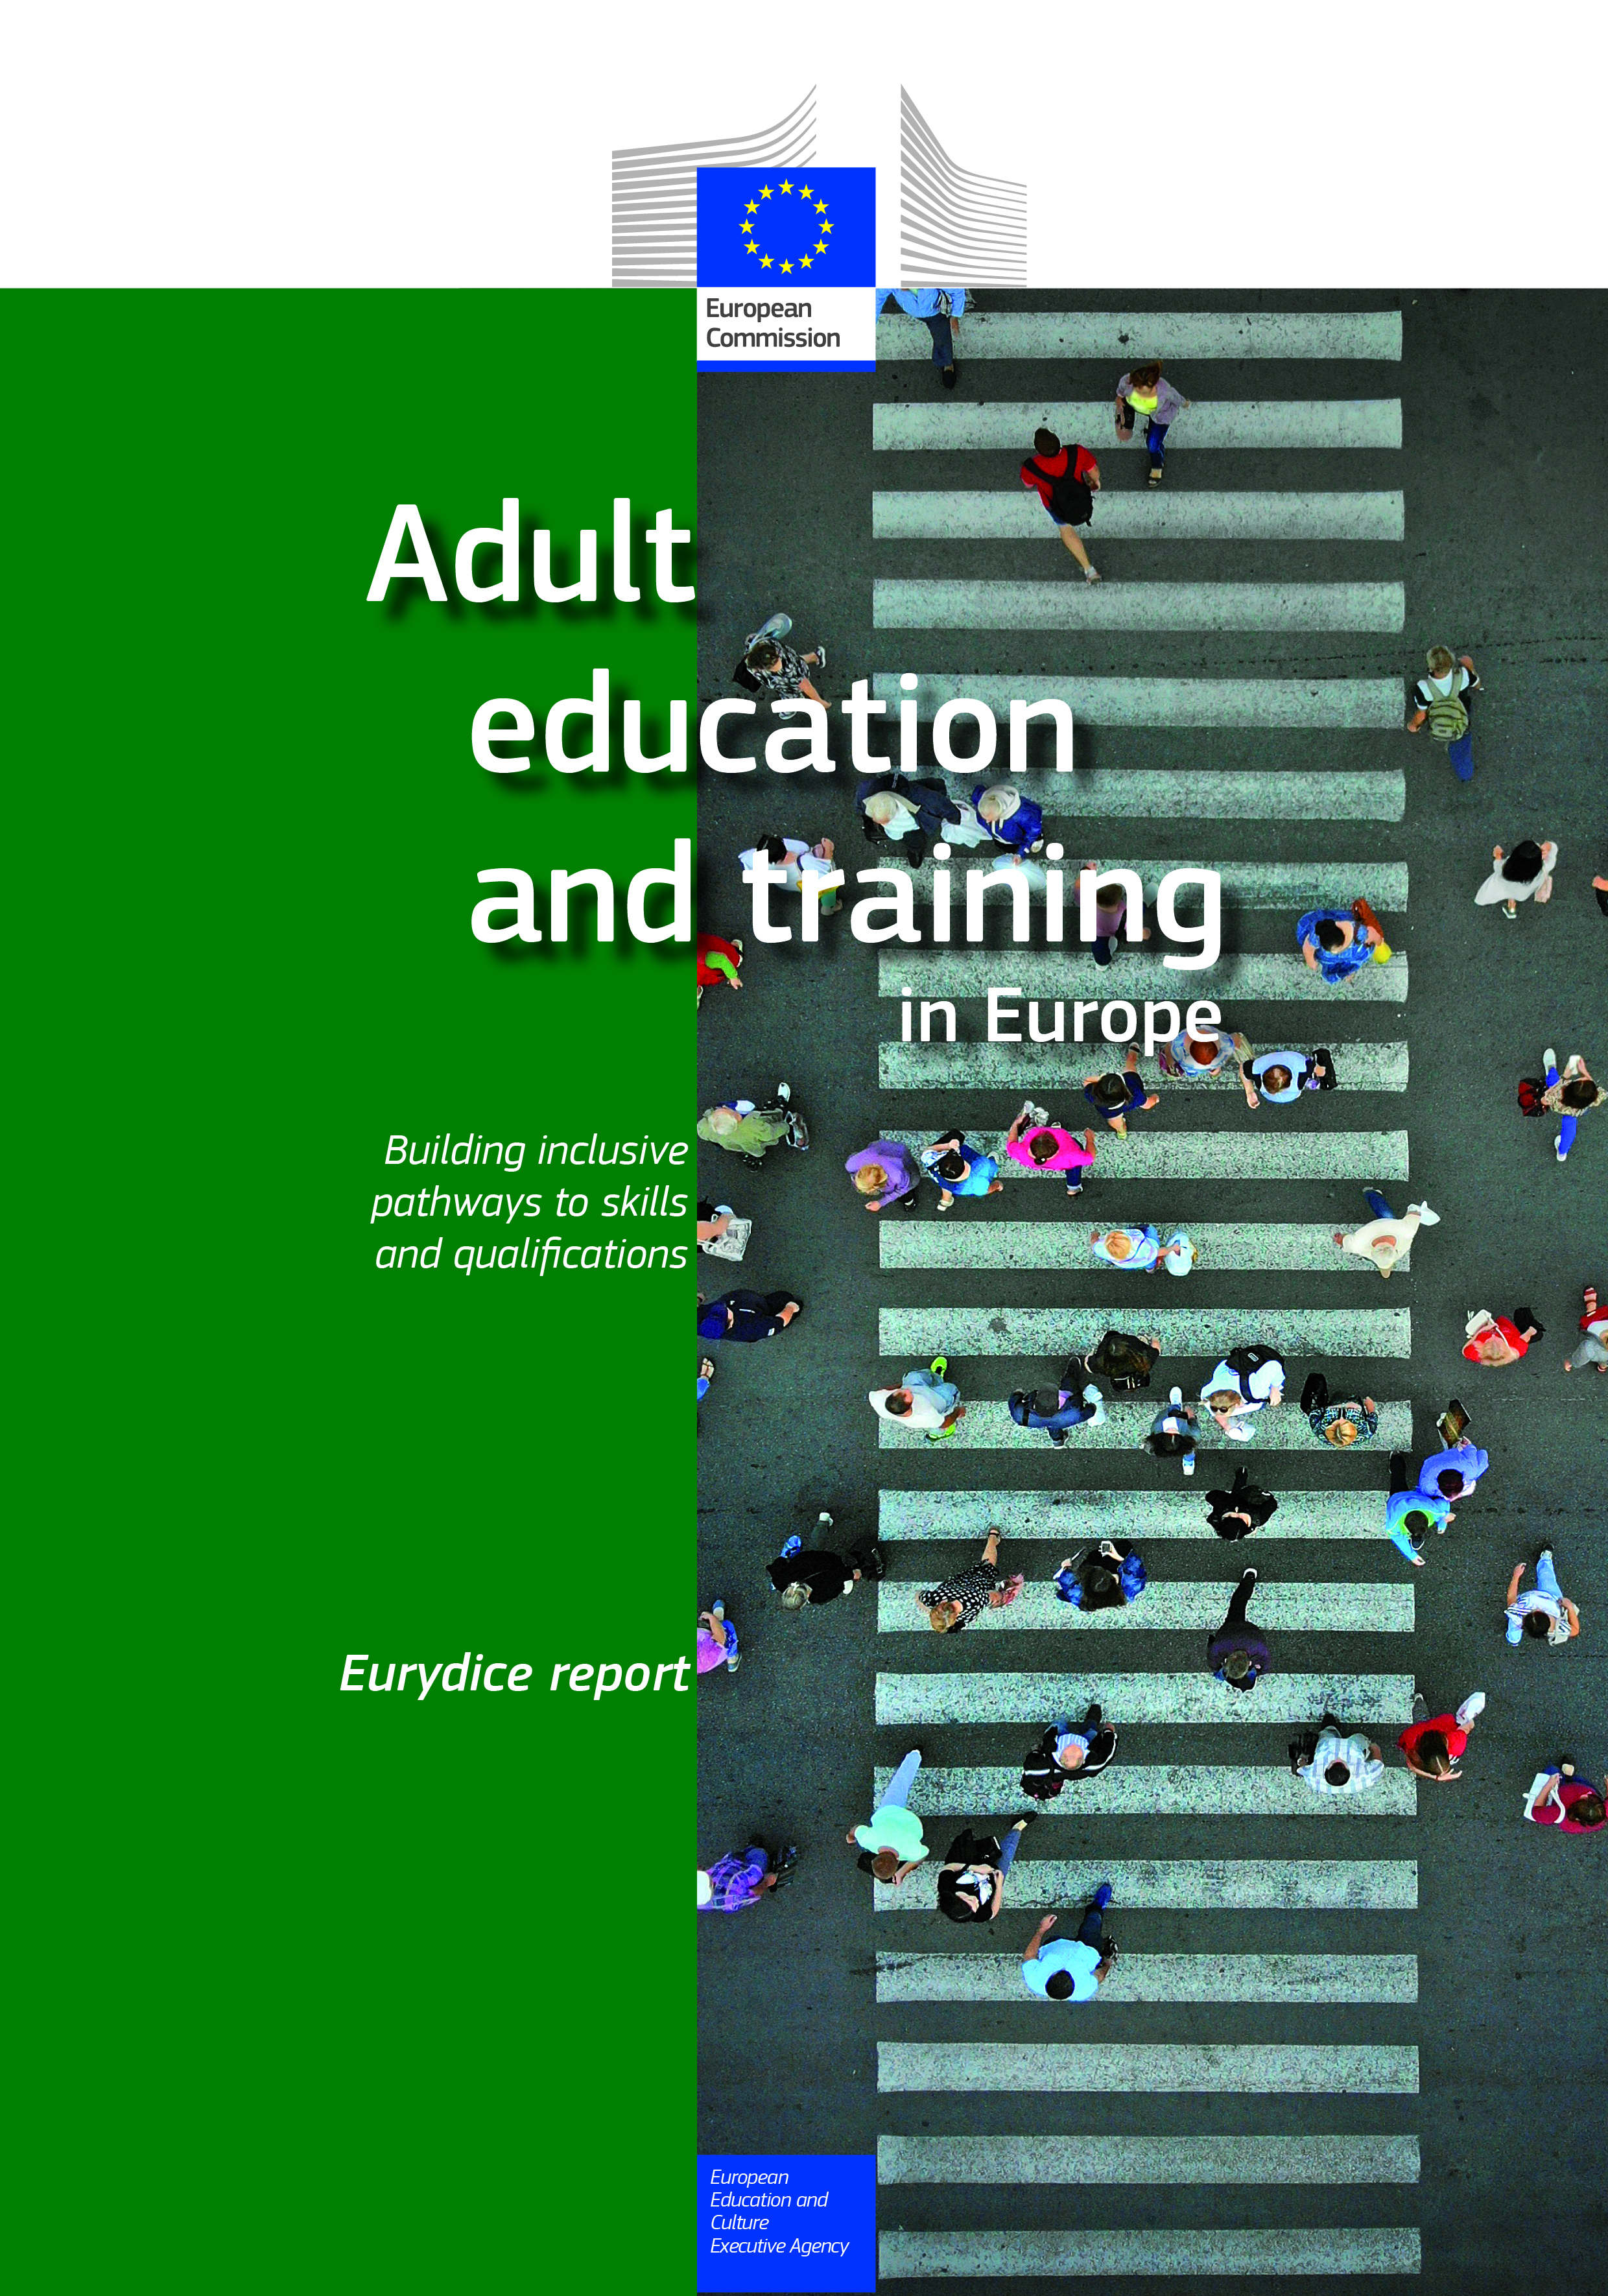 Mreža Eurydice objavila izvještaj o obrazovanju i osposobljavanju odraslih - Slika 1